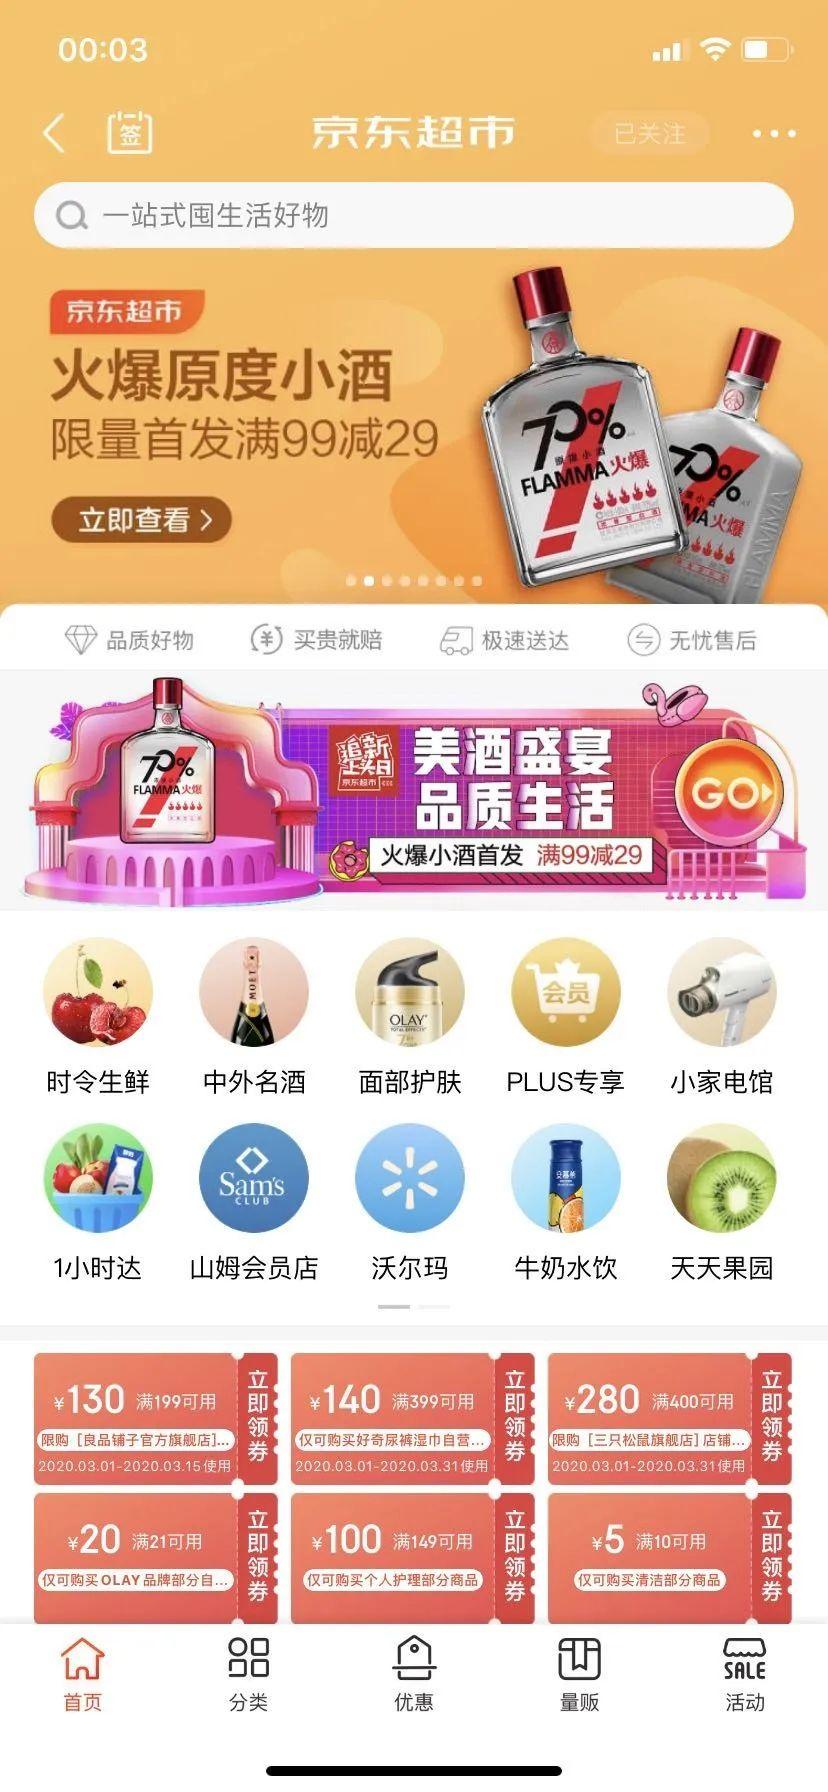 疫情下品牌如何破局?京东超市新品营销引人深思